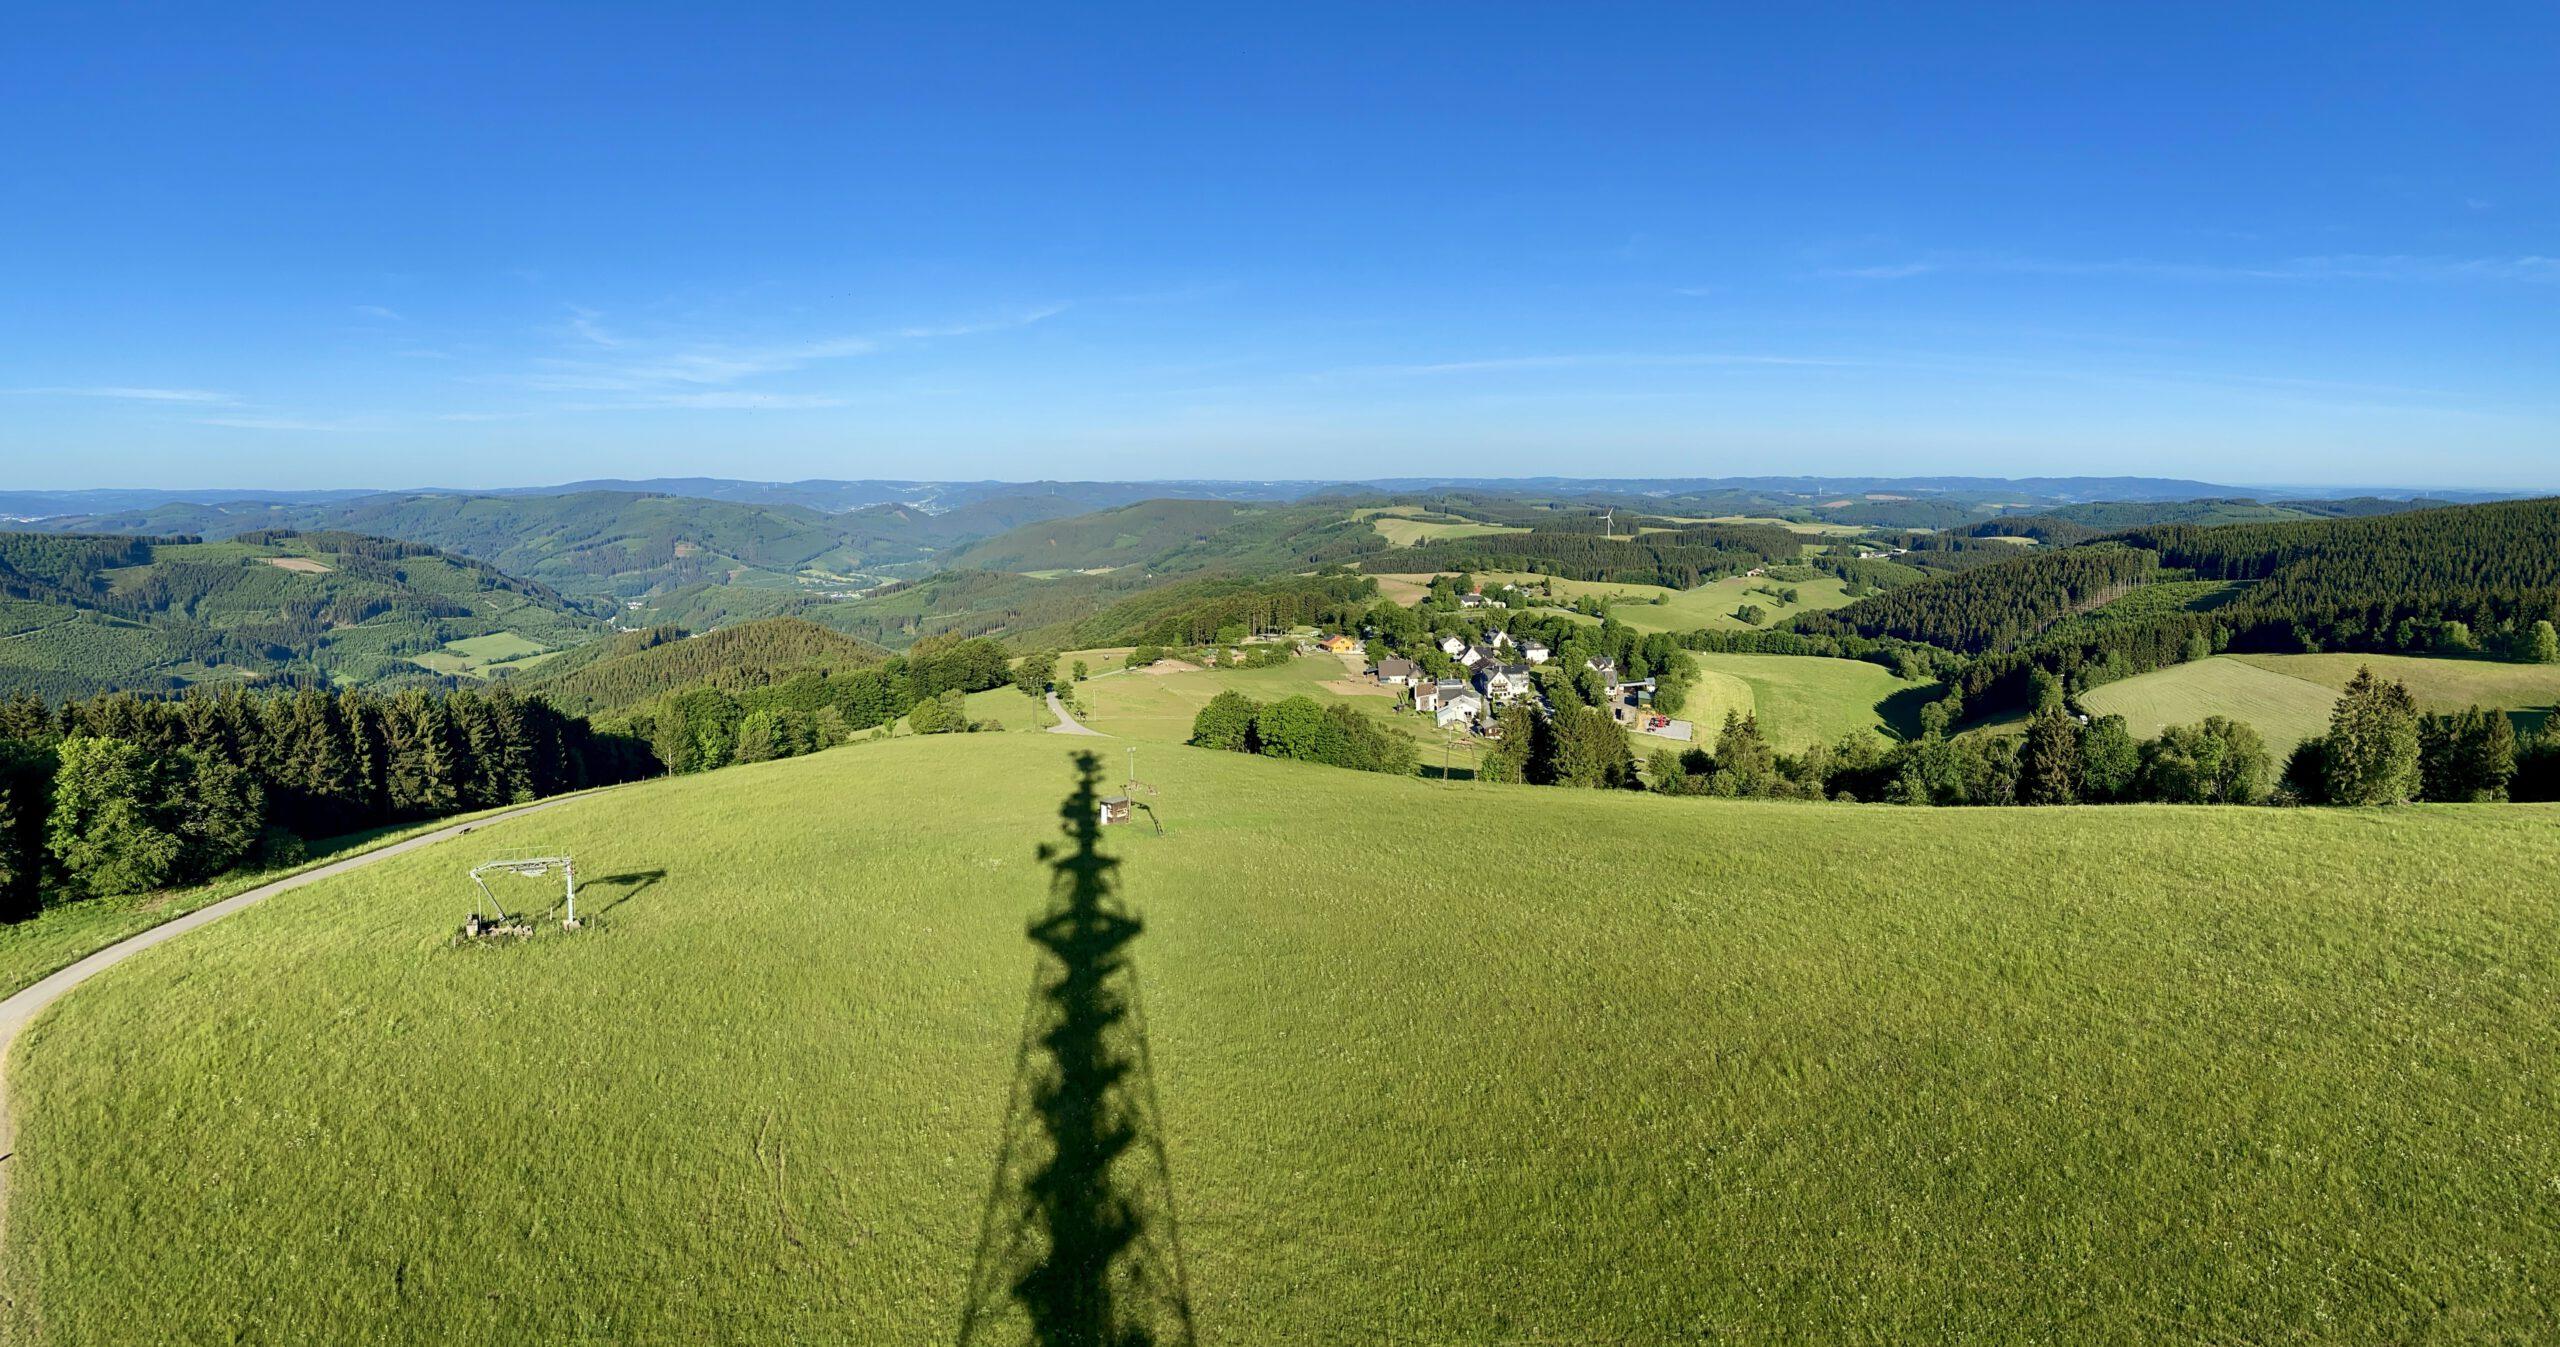 Blick vom Schomberg Turm